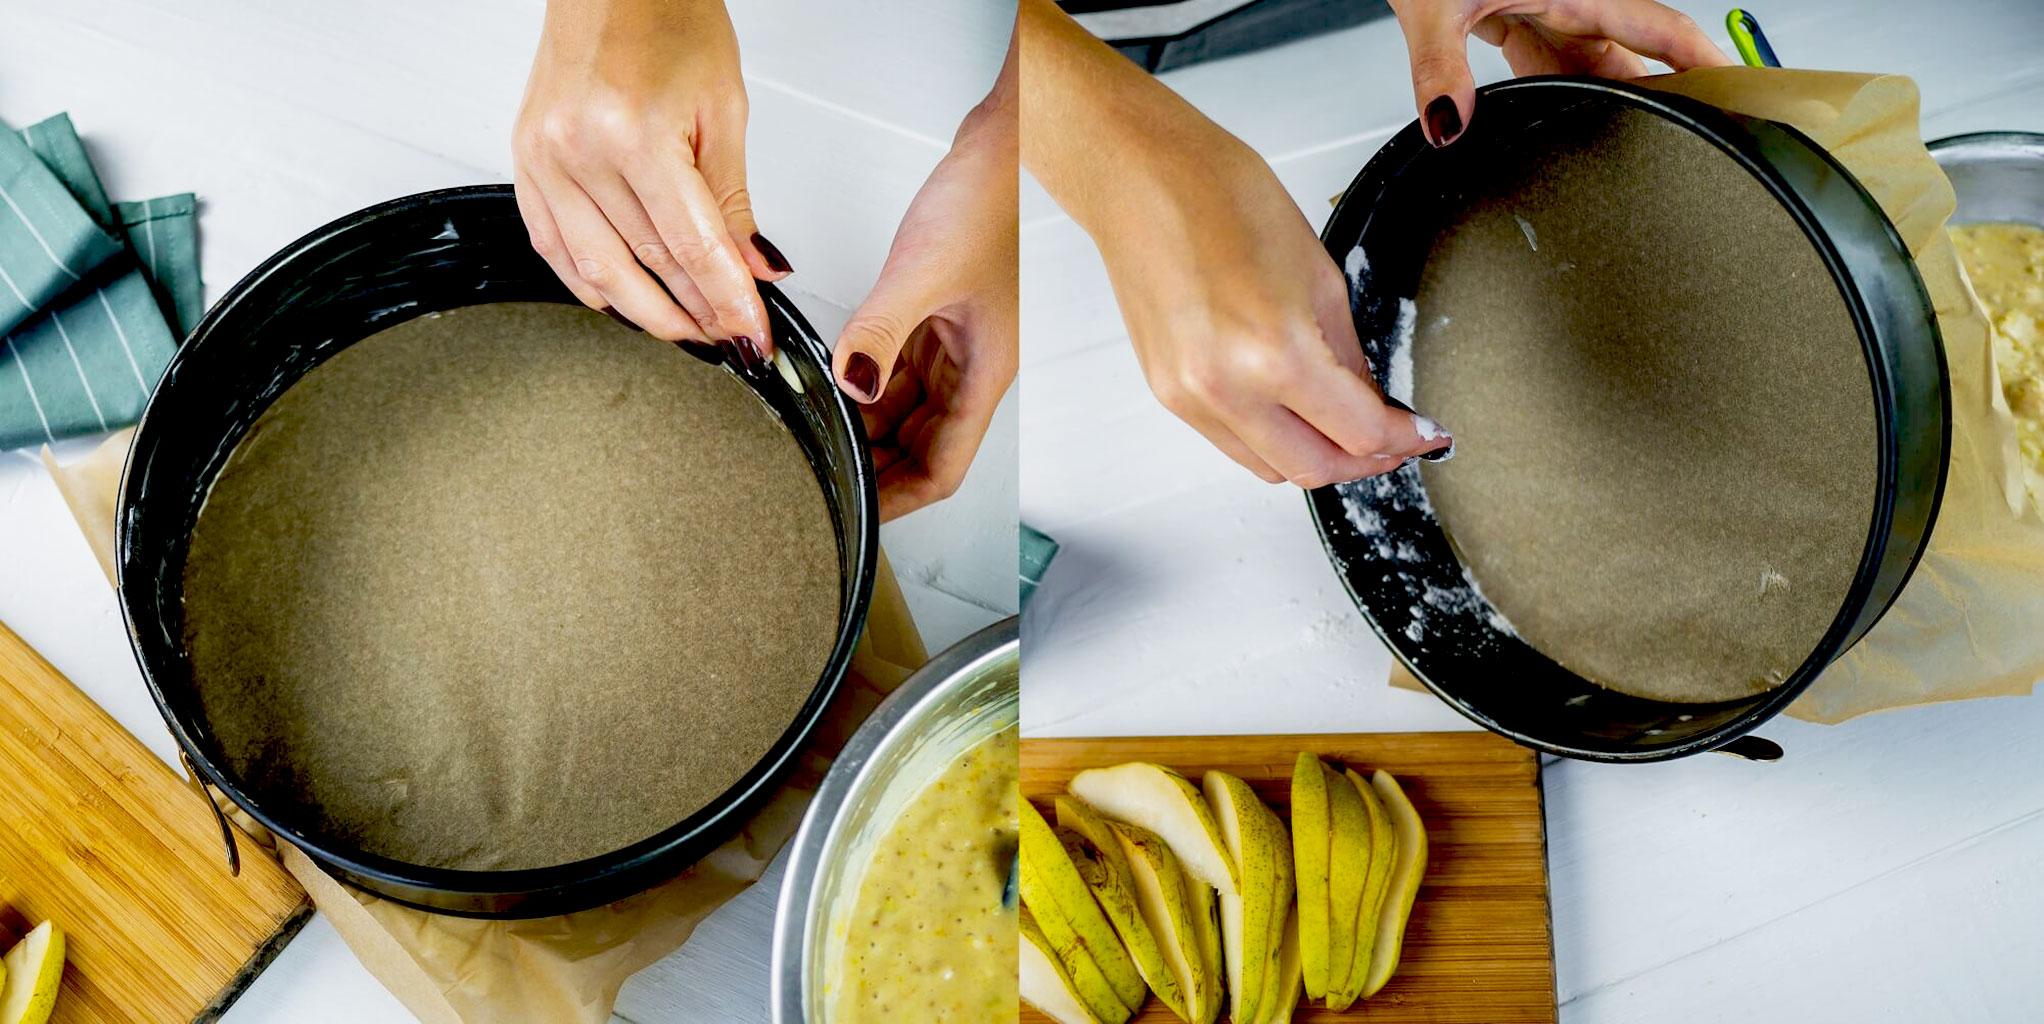 Застелить форму пергаментом и смазать маслом перед выпечкой